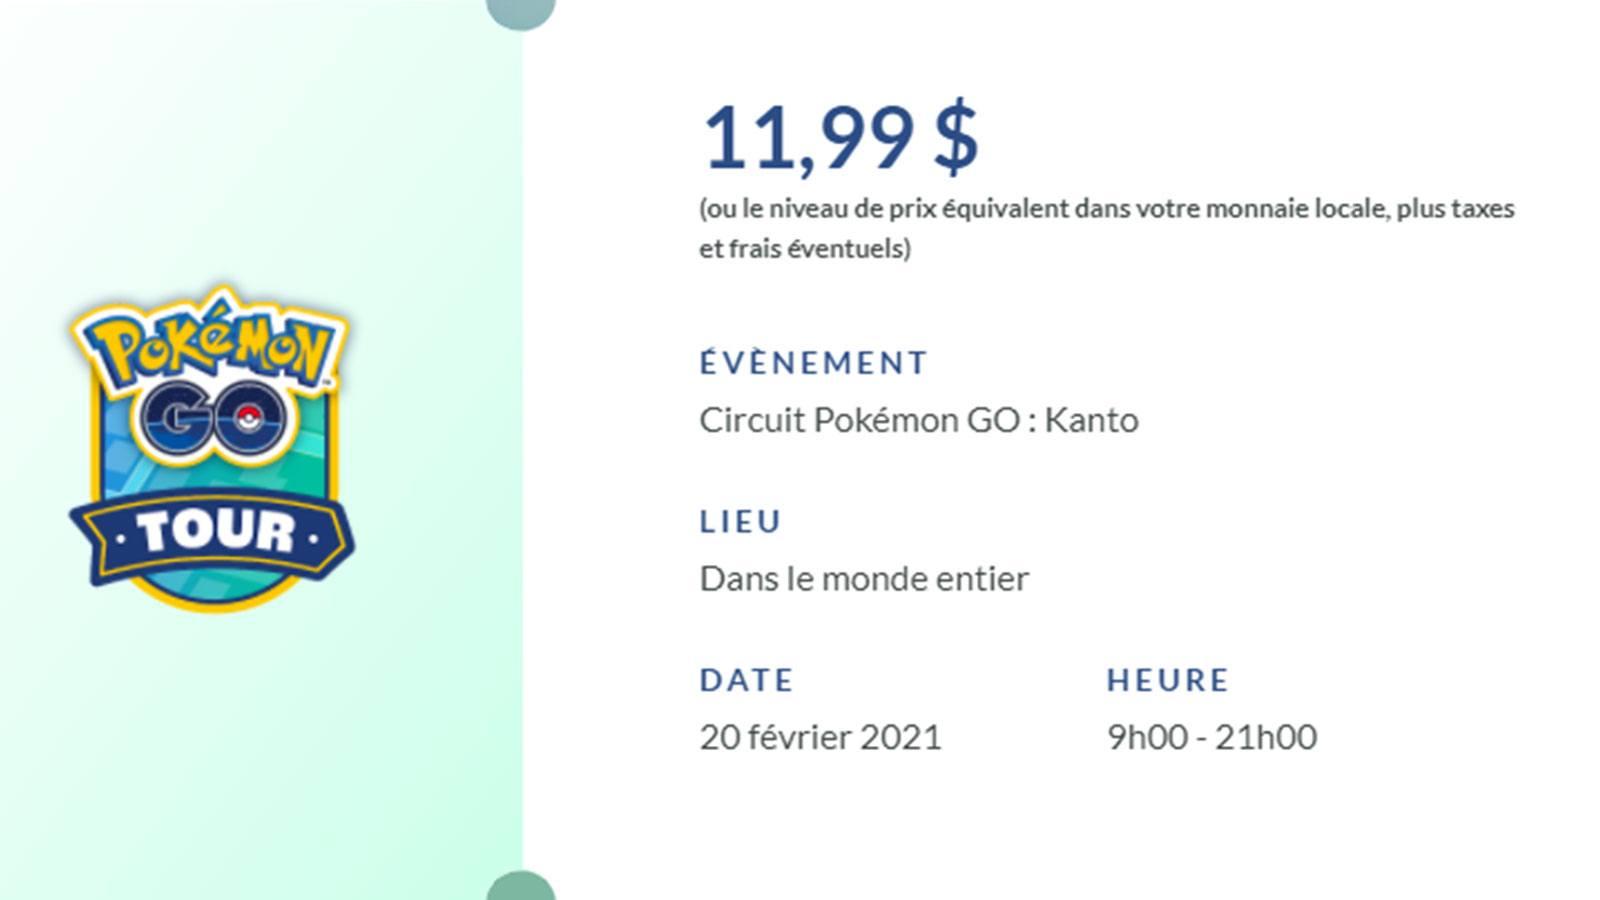 Pokémon Go Tour billet détails Niantic